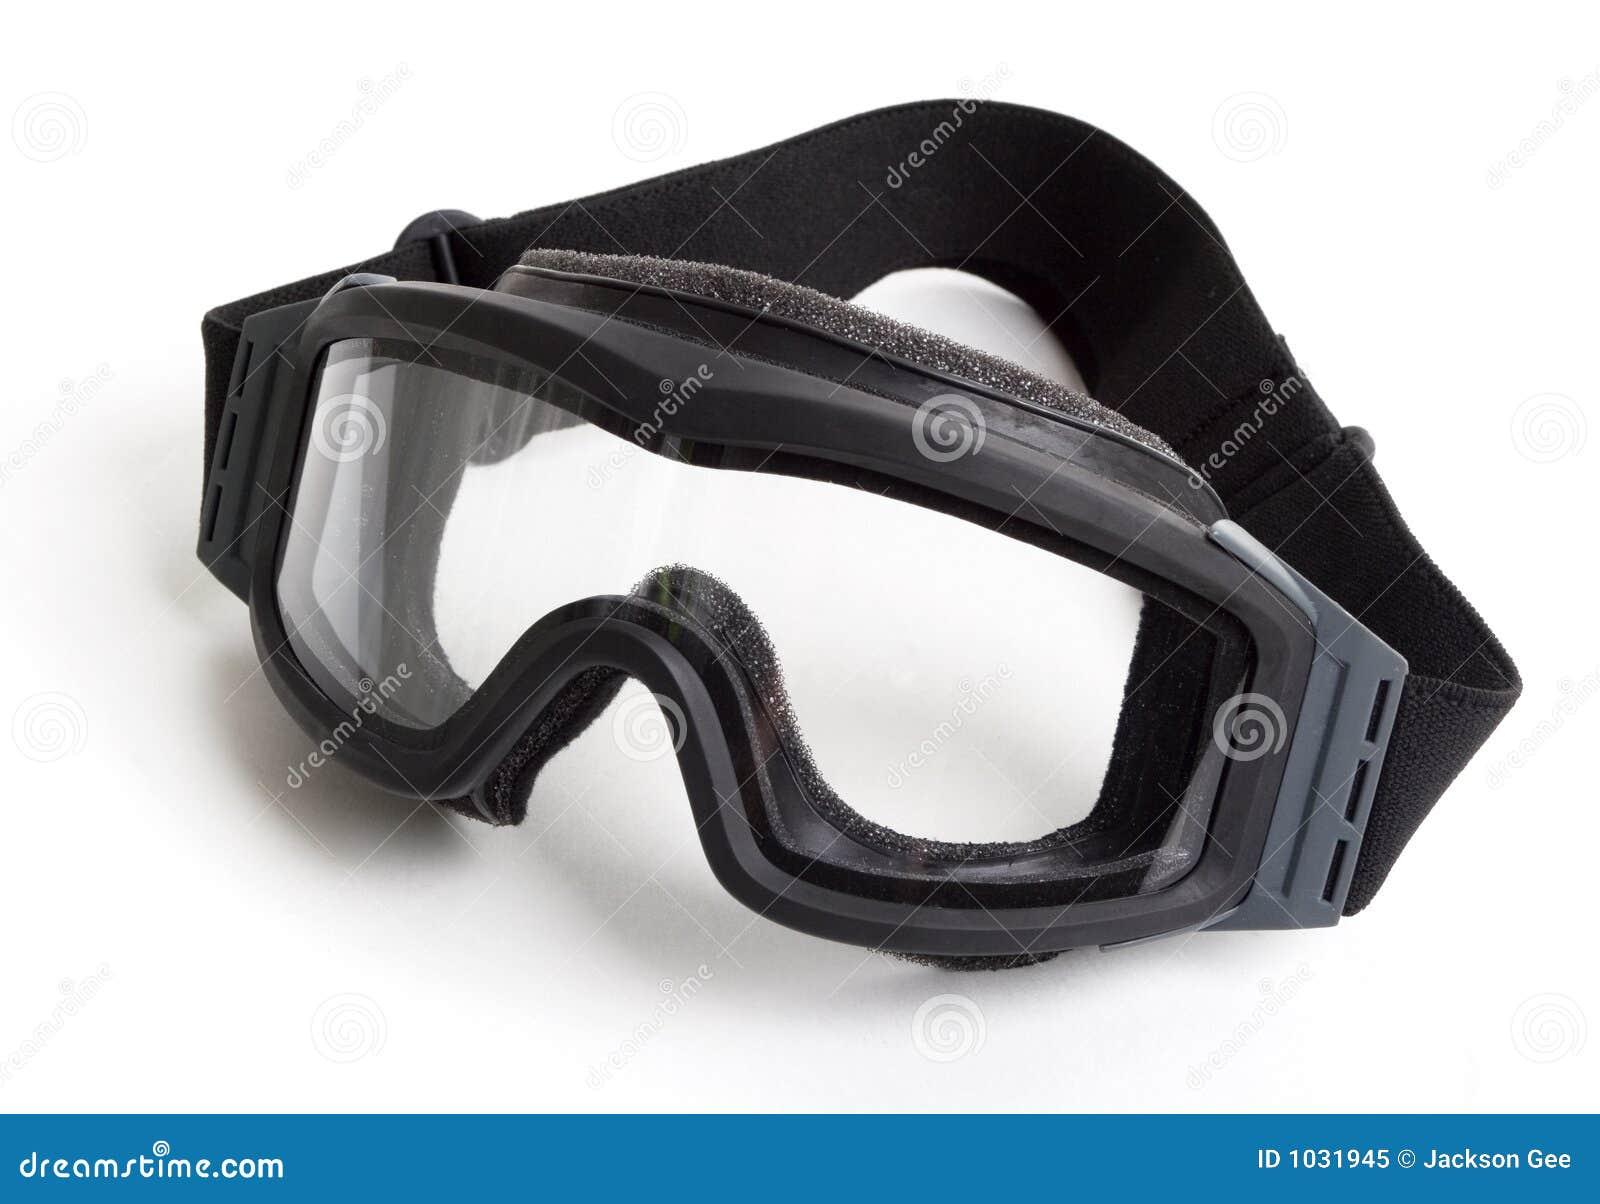 Occhiali di protezione tattici